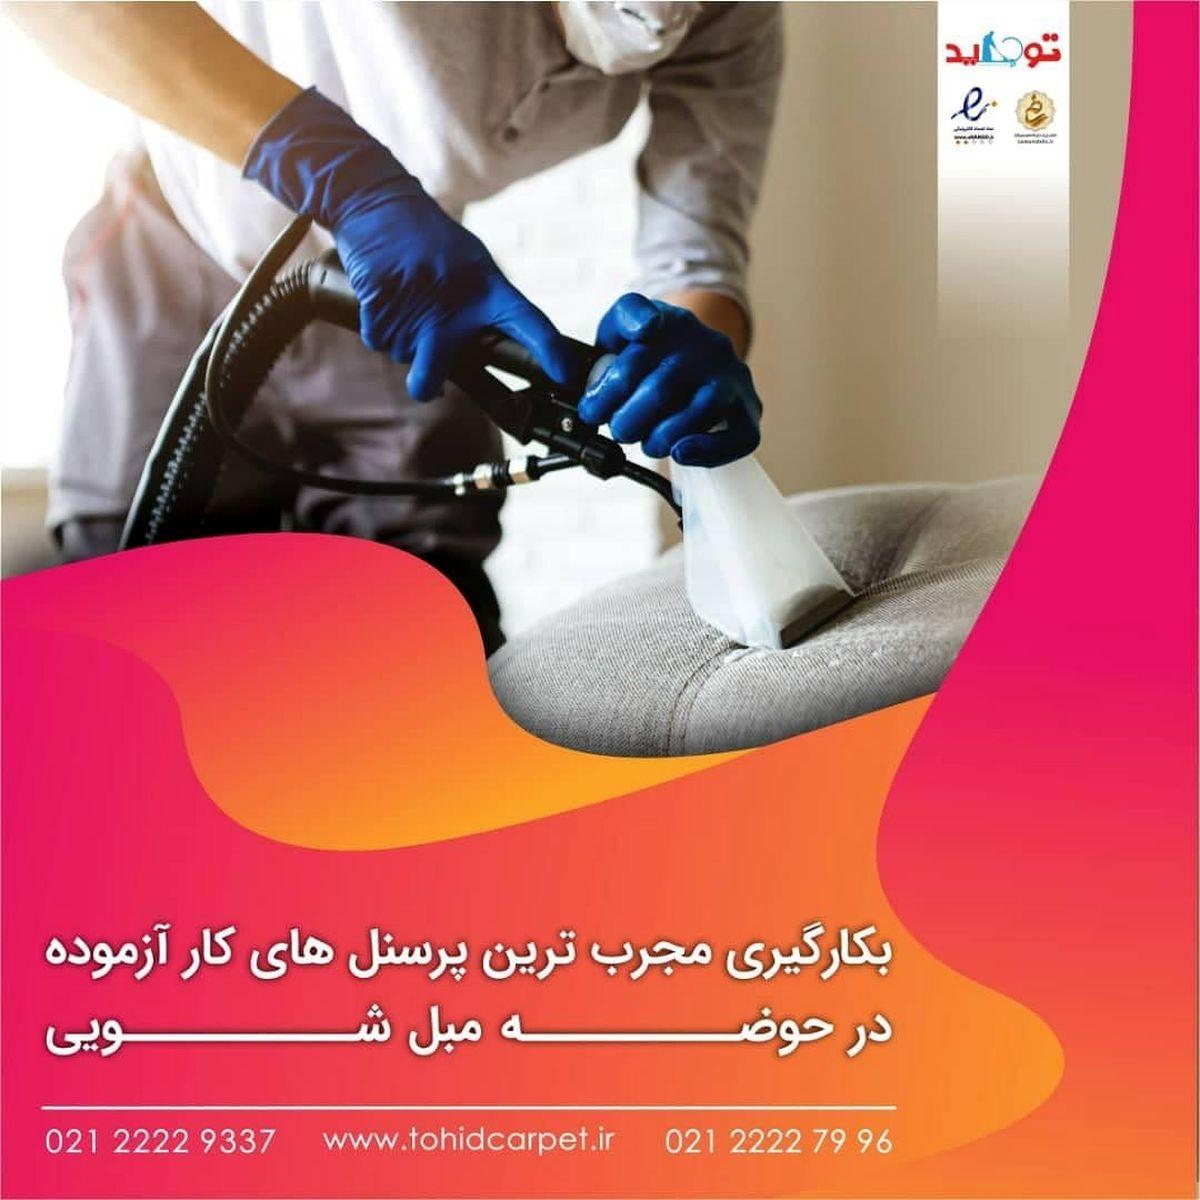 شستشوی فرش با مواد شوینده اسیدی بهتر است یا قلیایی؟ (PH مناسب مواد شوینده فرش)